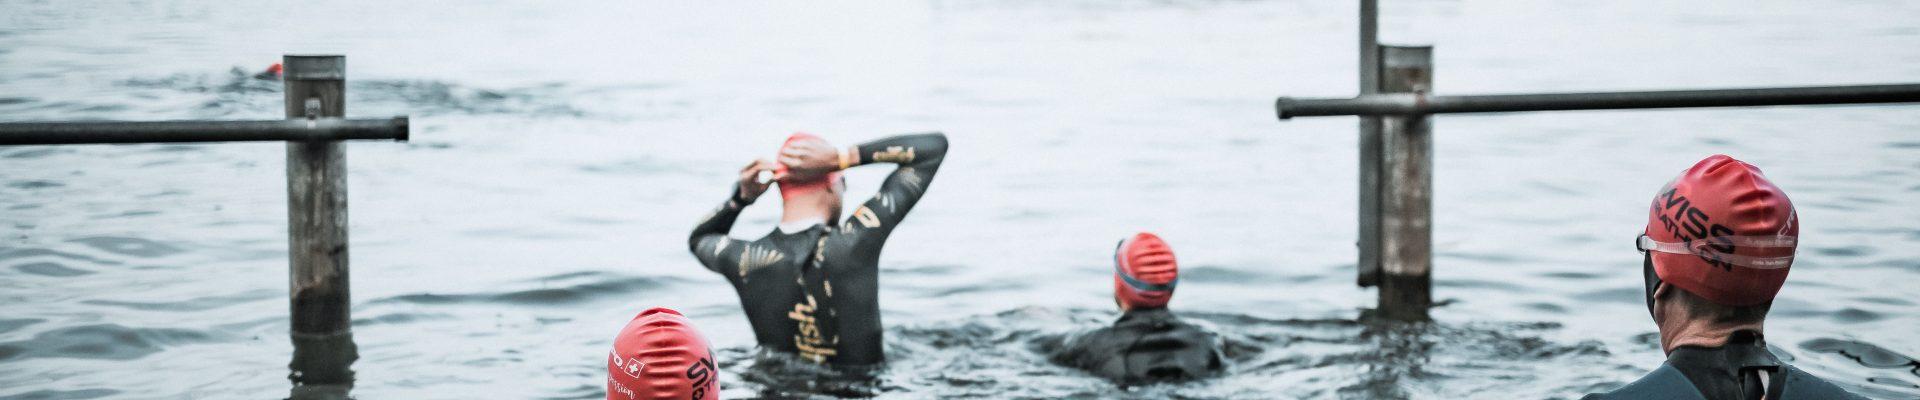 Videorückblick auf den 27. Zytturm Triathlon